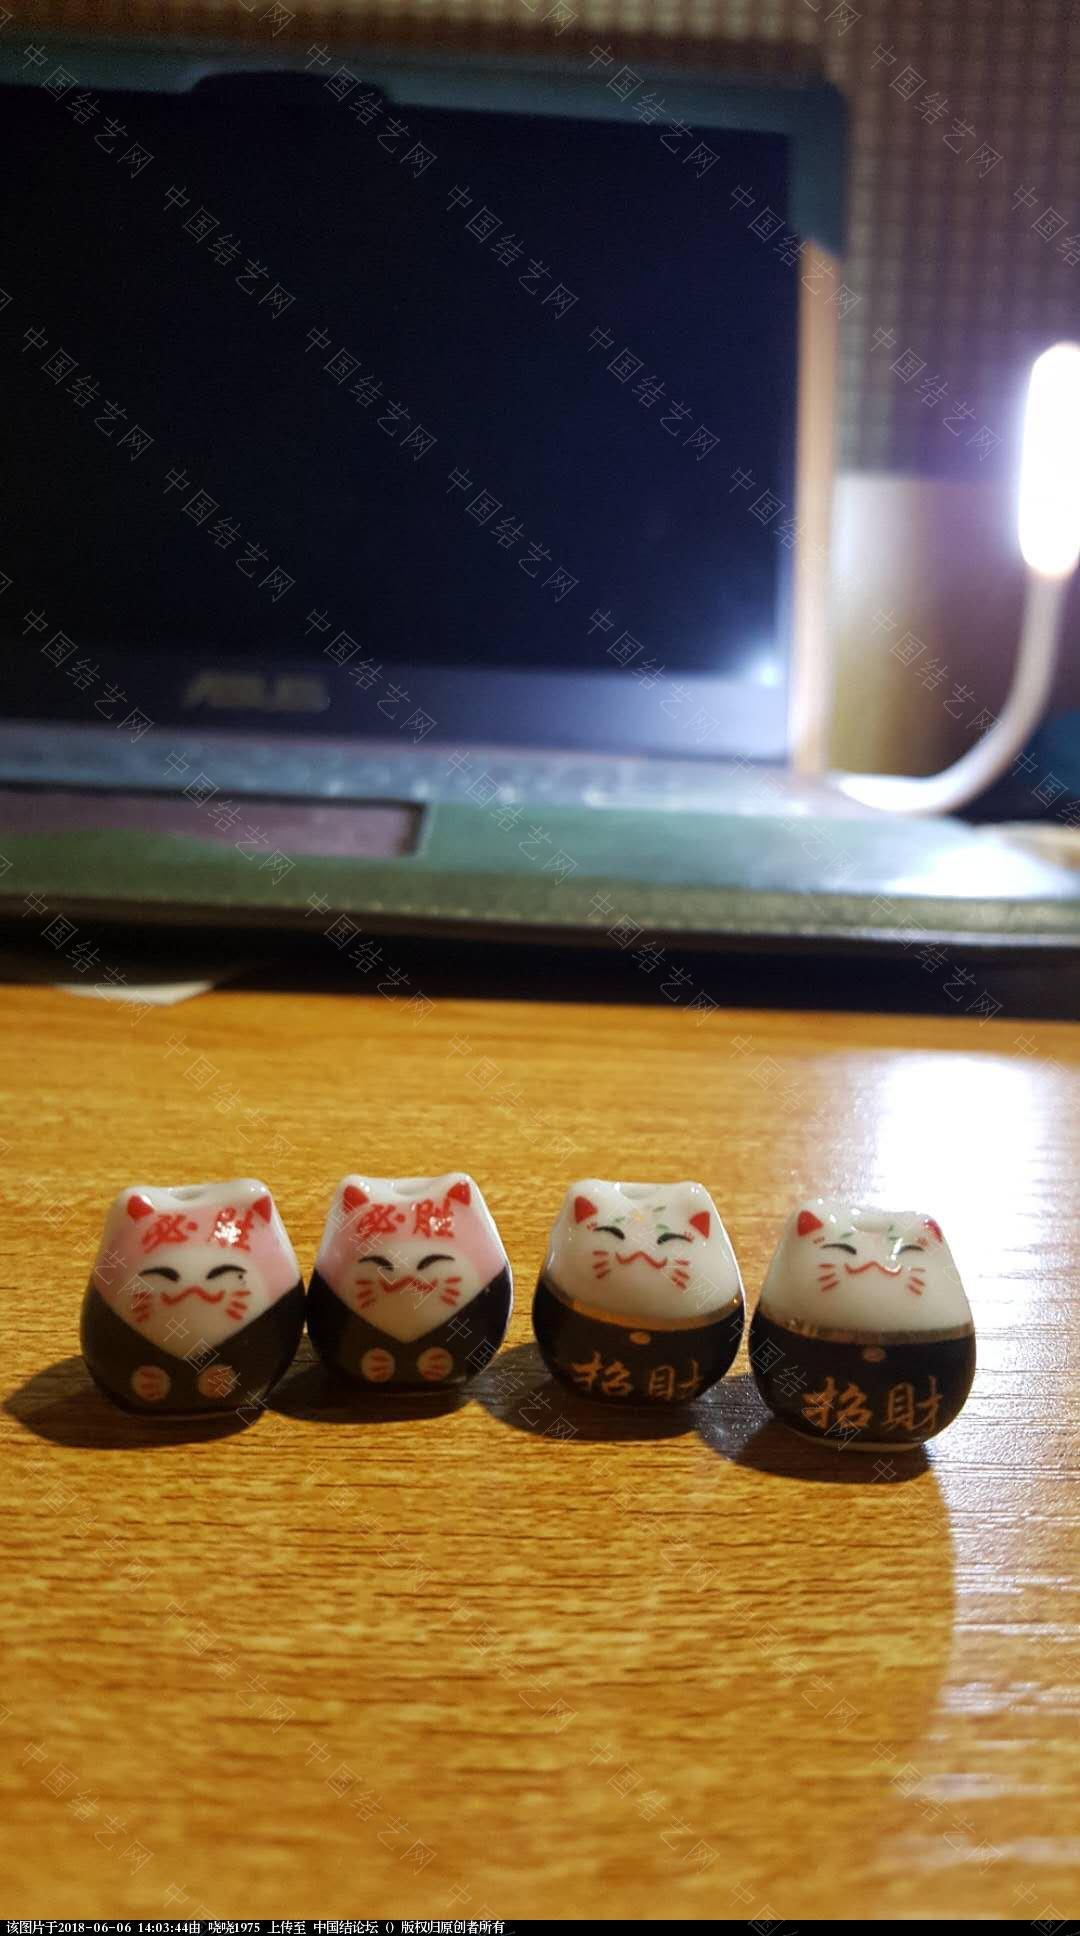 中国结论坛 用不上的招财猫小配件转让 不上,上的,招财猫,配件,转让 作品展示 140050odpbtfutcdz991f6